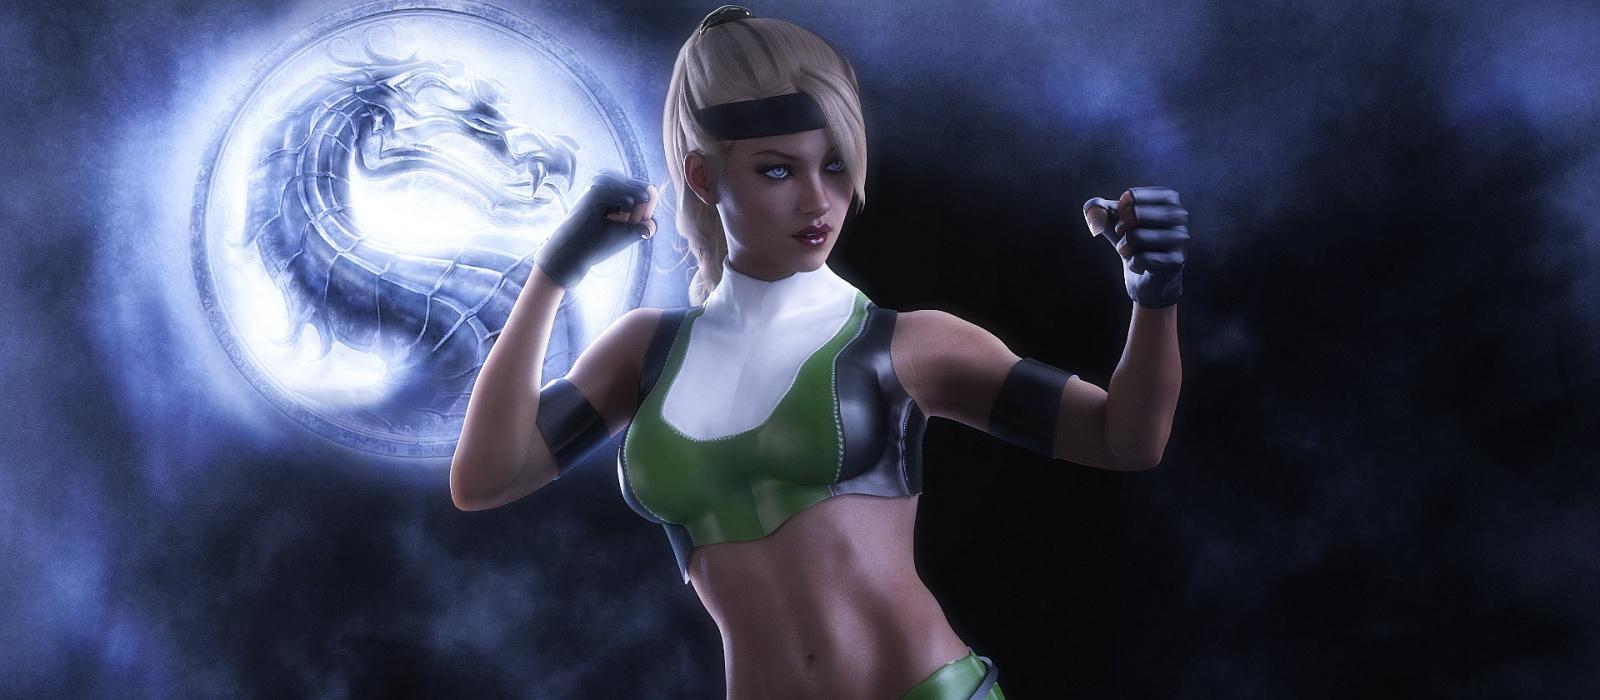 Die echte Sonia Blade, Sub-Zero und Sindel von Mortal Kombat cosplayten die Helden 25 Jahre später.  Ed Boone hat es geschätzt